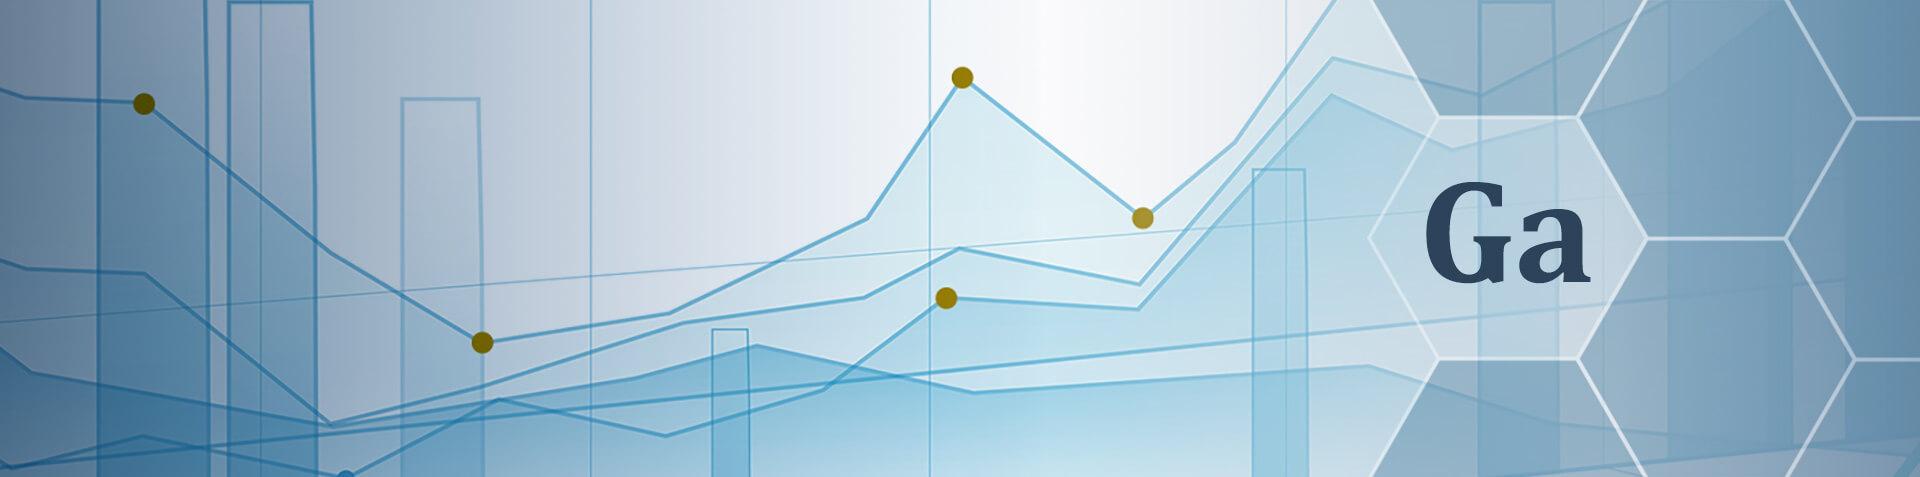 Blaue Graphen, die Kursbewegungen symbolisieren und das Elemente Symbol für Germanium sind zu sehen.